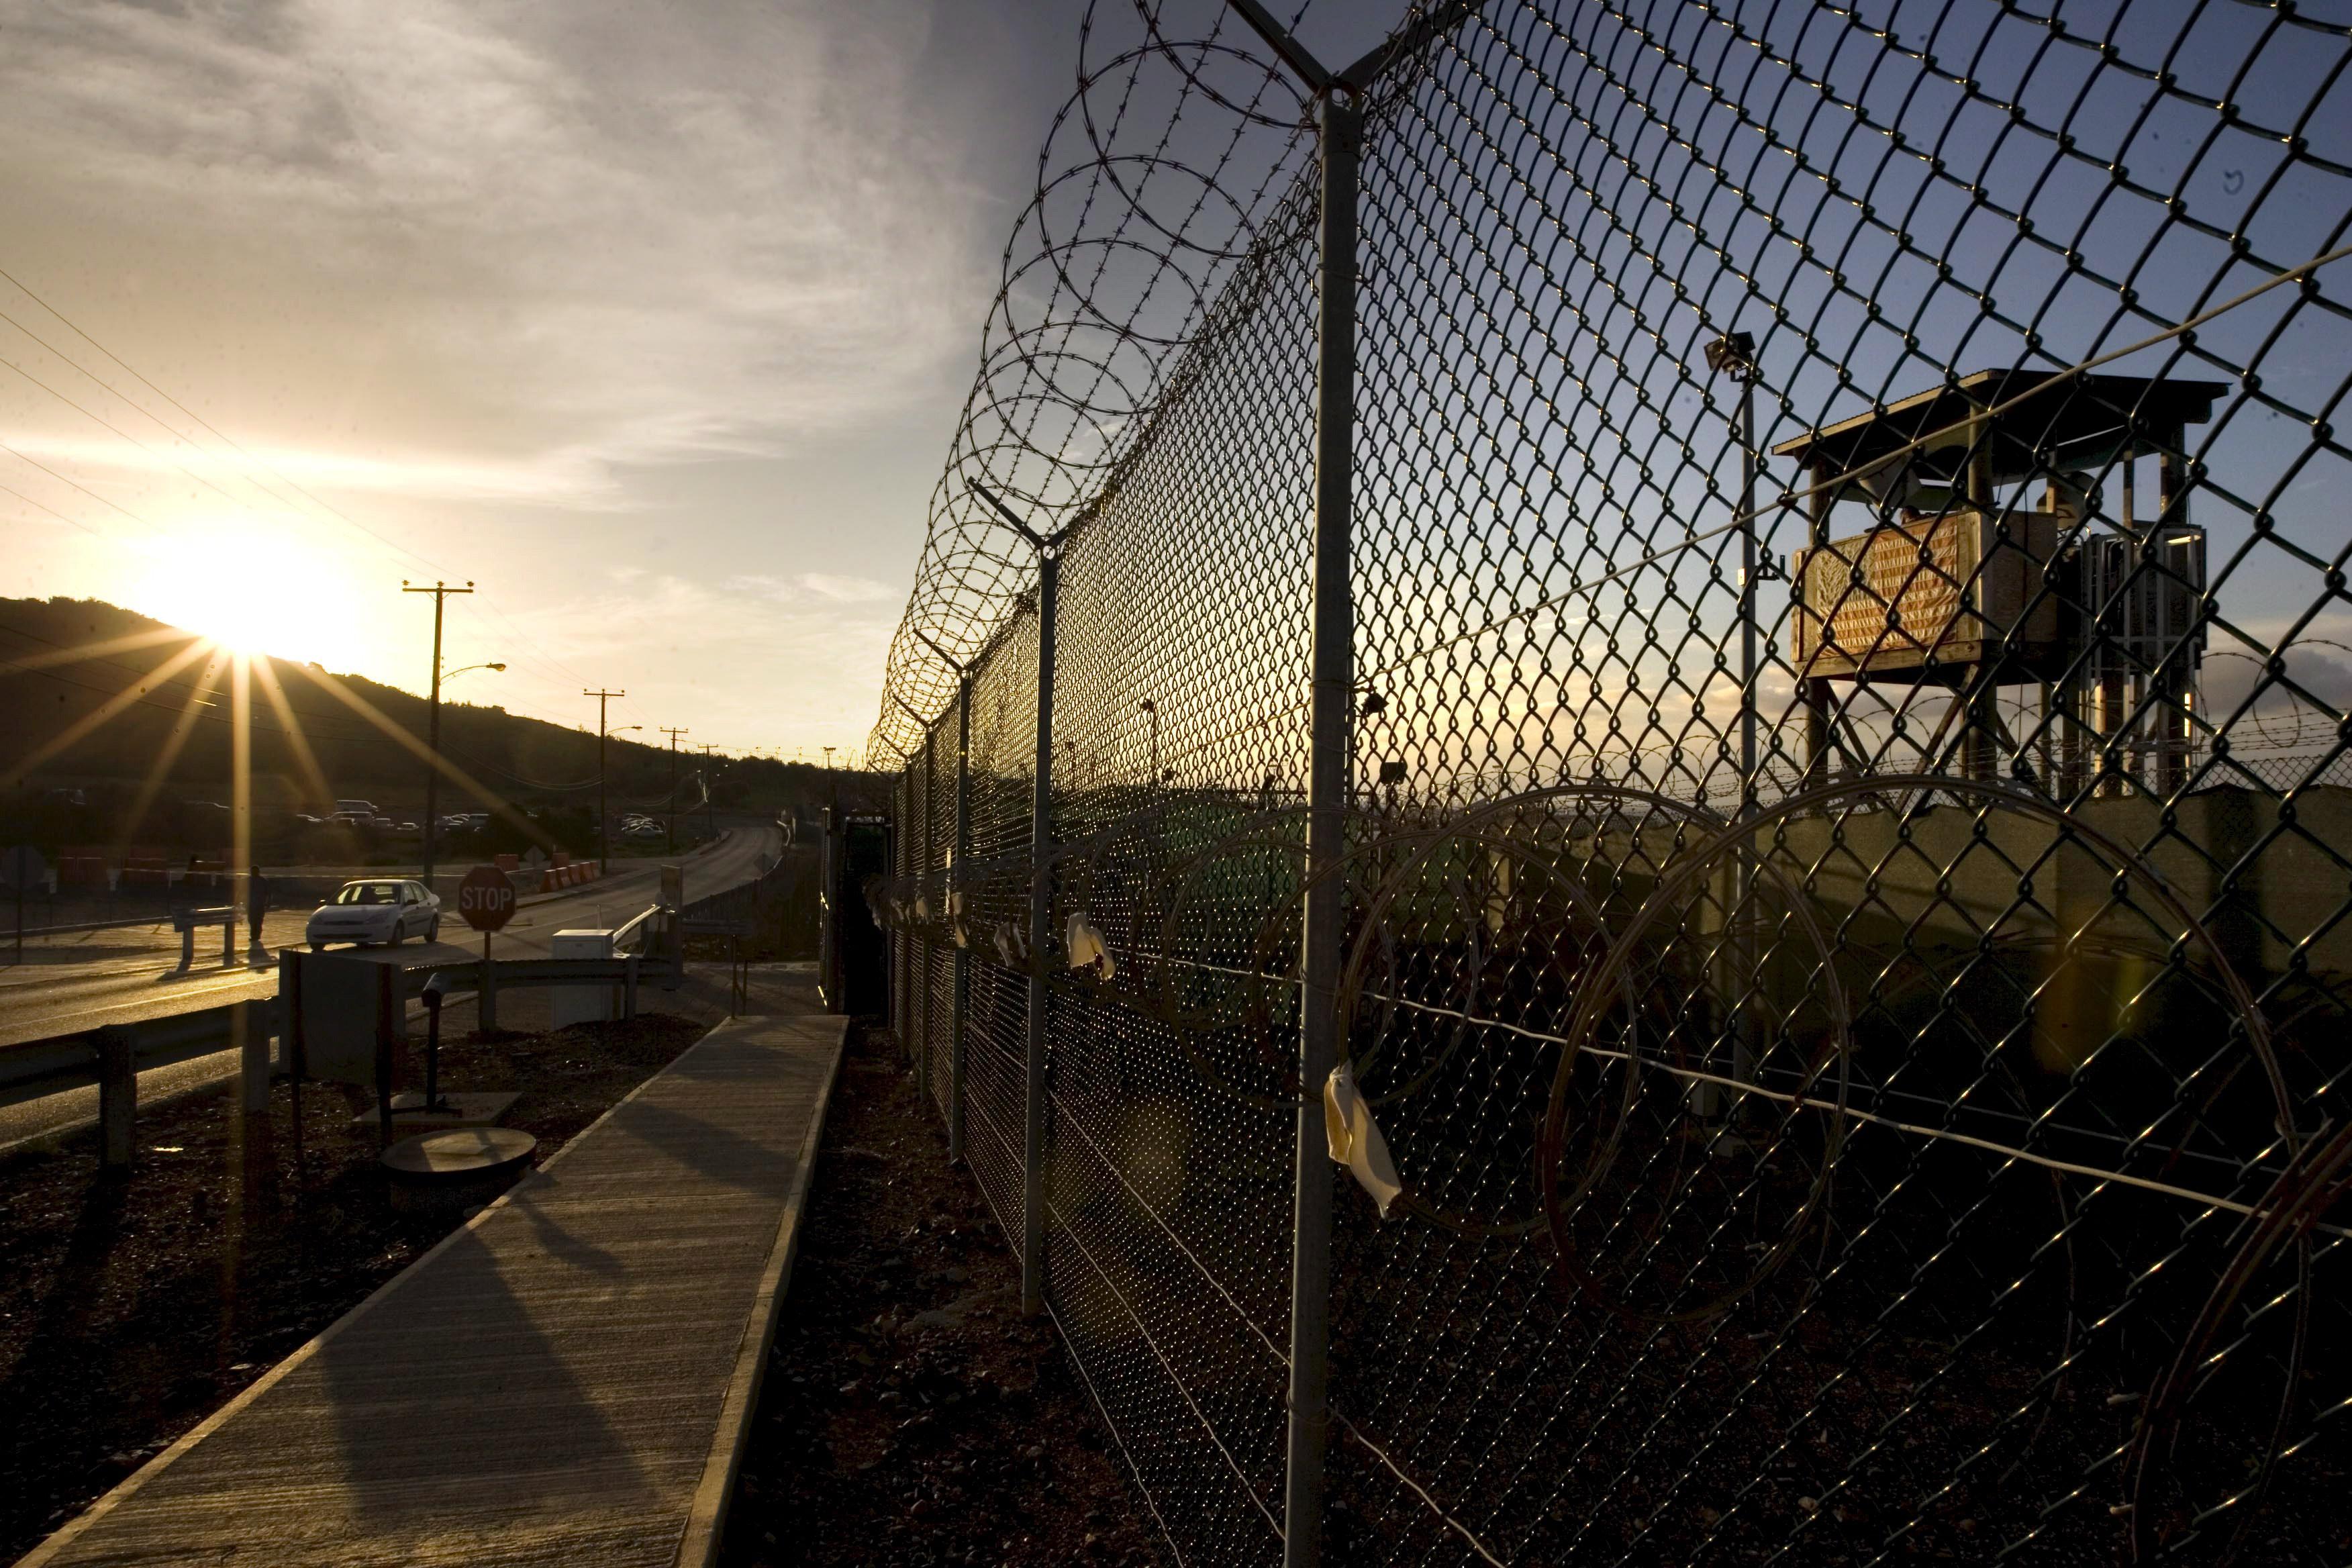 Наркотики, дрожжи и мобильные телефоны: что на прошлой неделе пытались передать заключённым